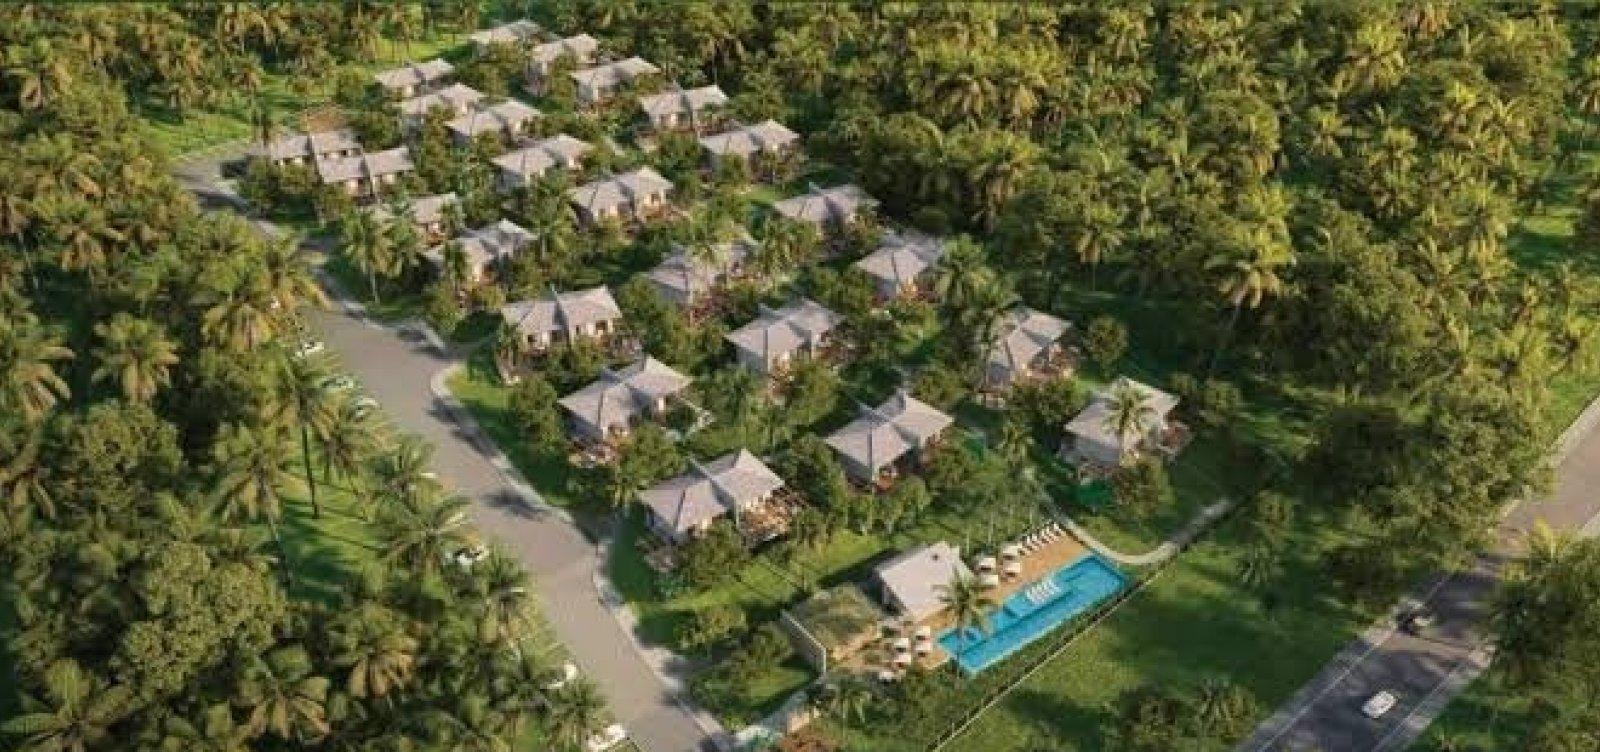 Radar Imobiliário: empreendimento sintonizado à natureza é lançado em Praia do Forte